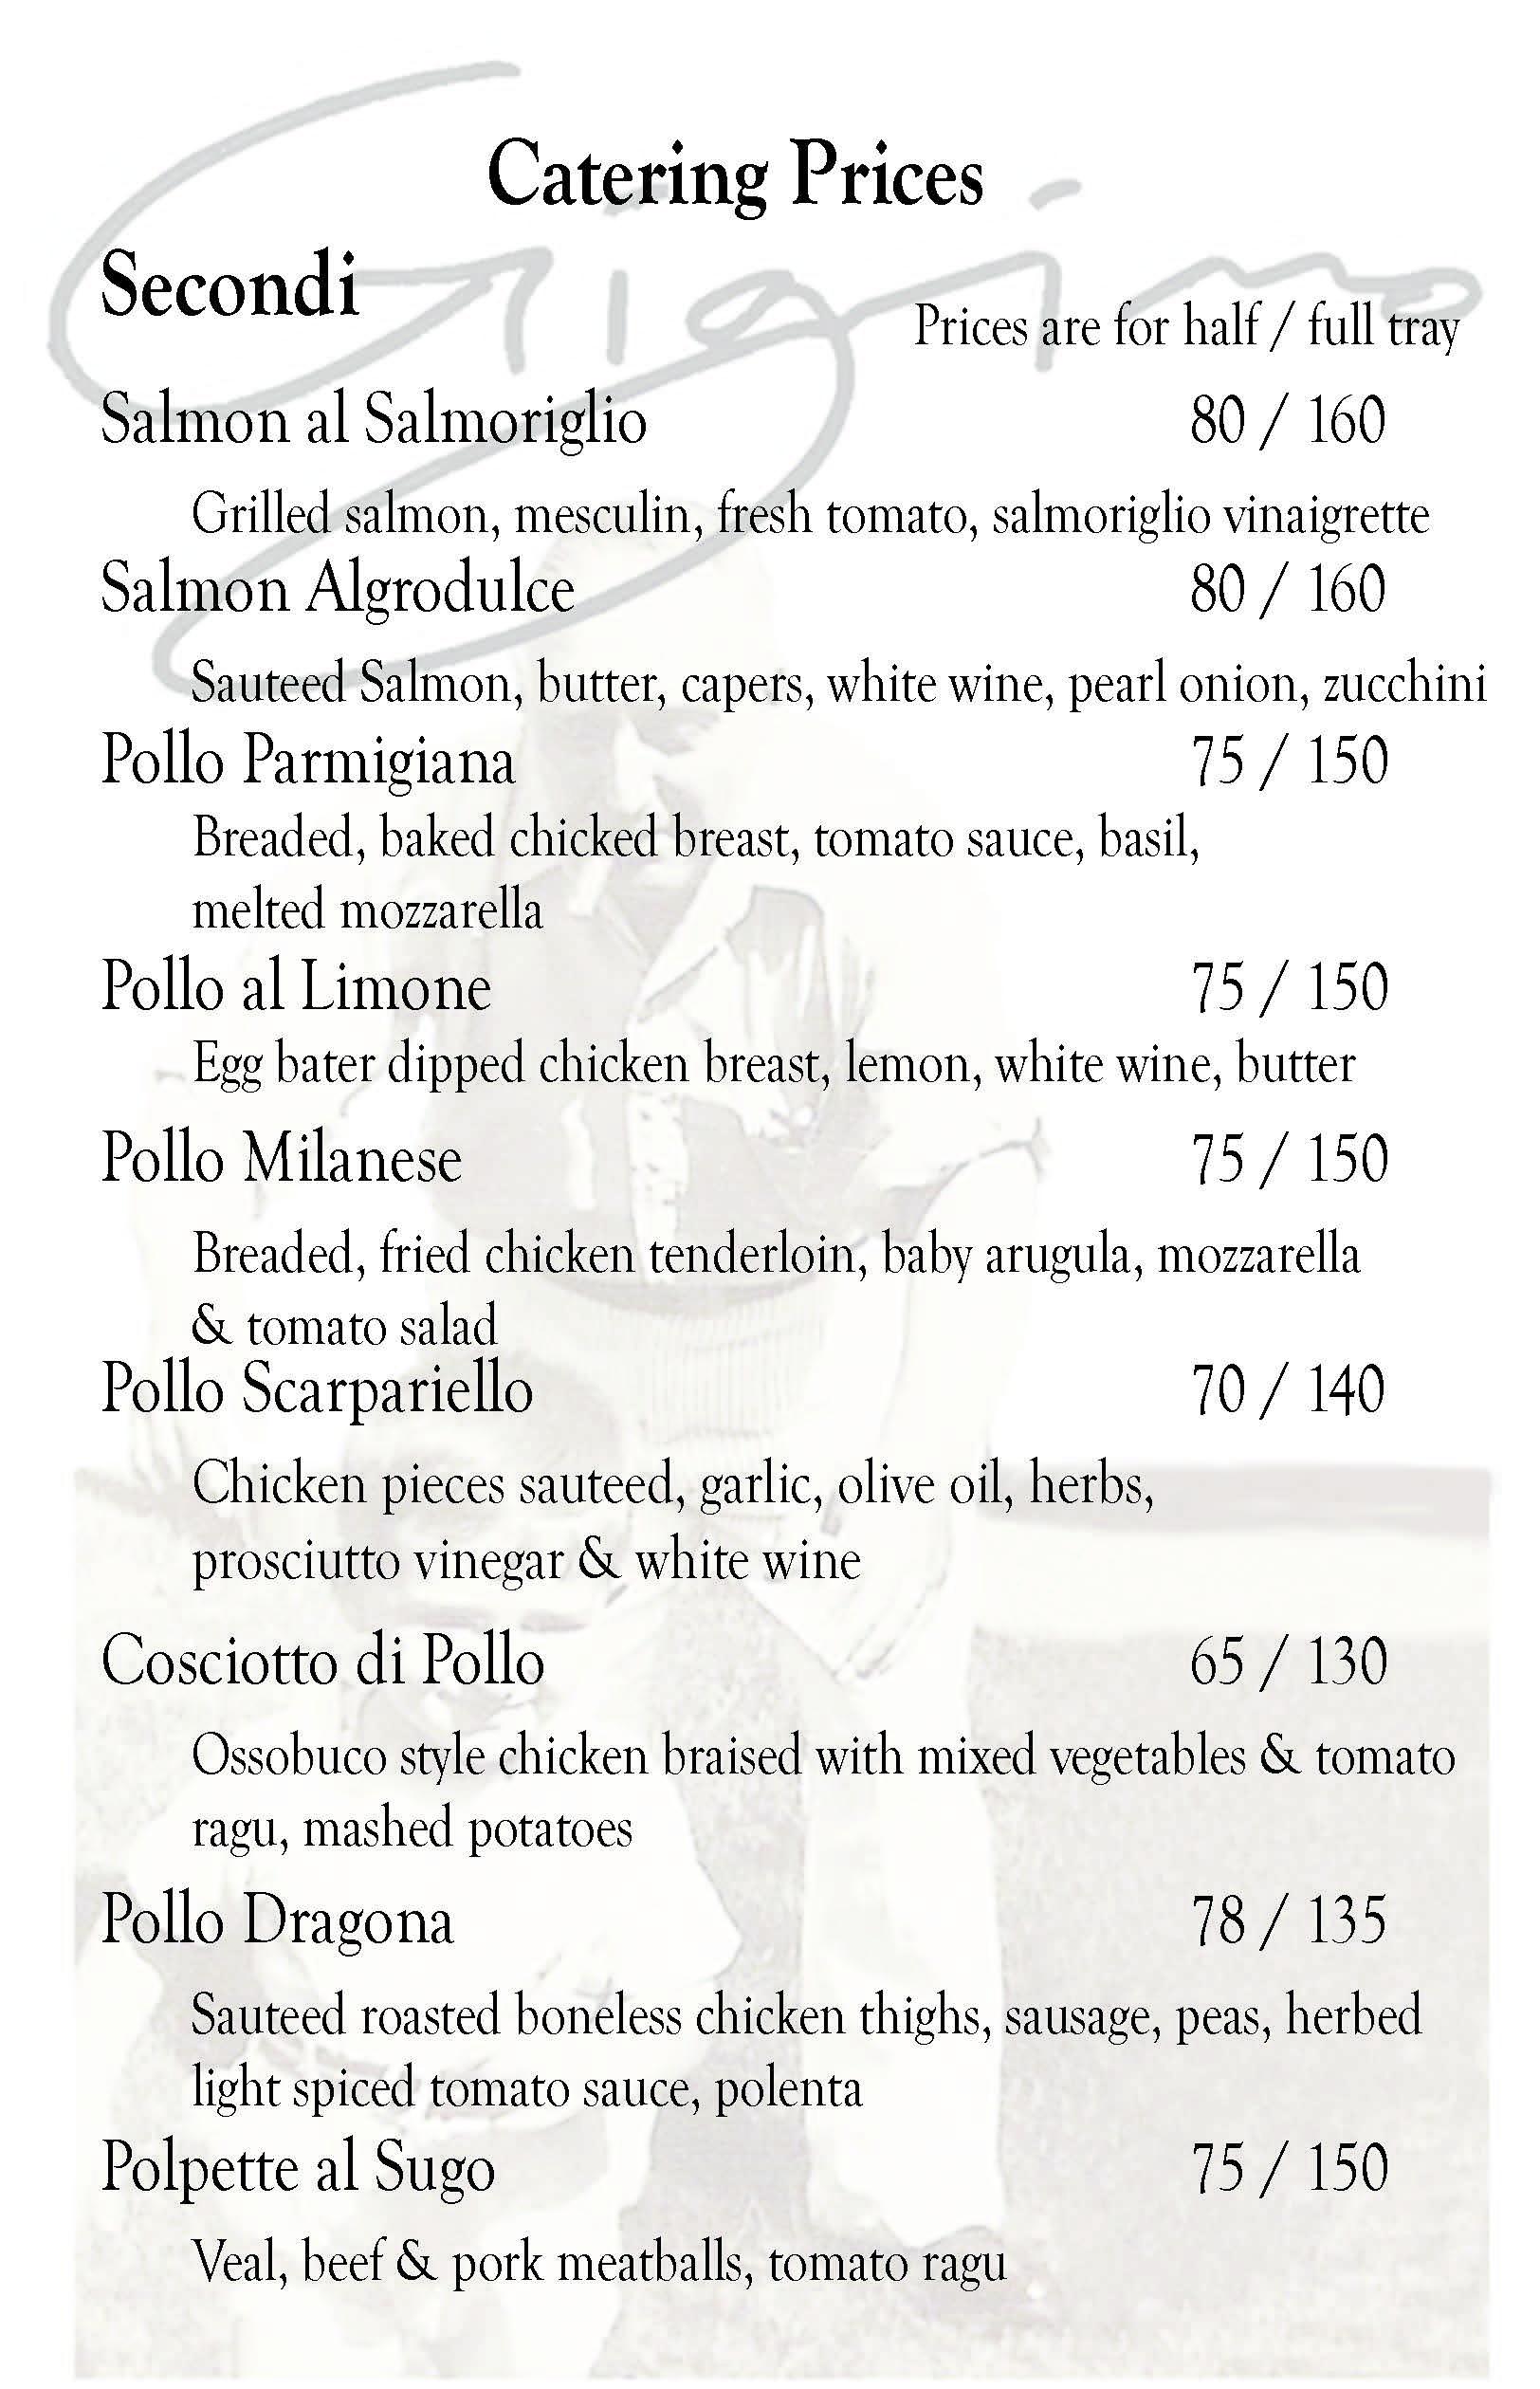 Gigino Trattoria Catering Menu 2015_Page_4